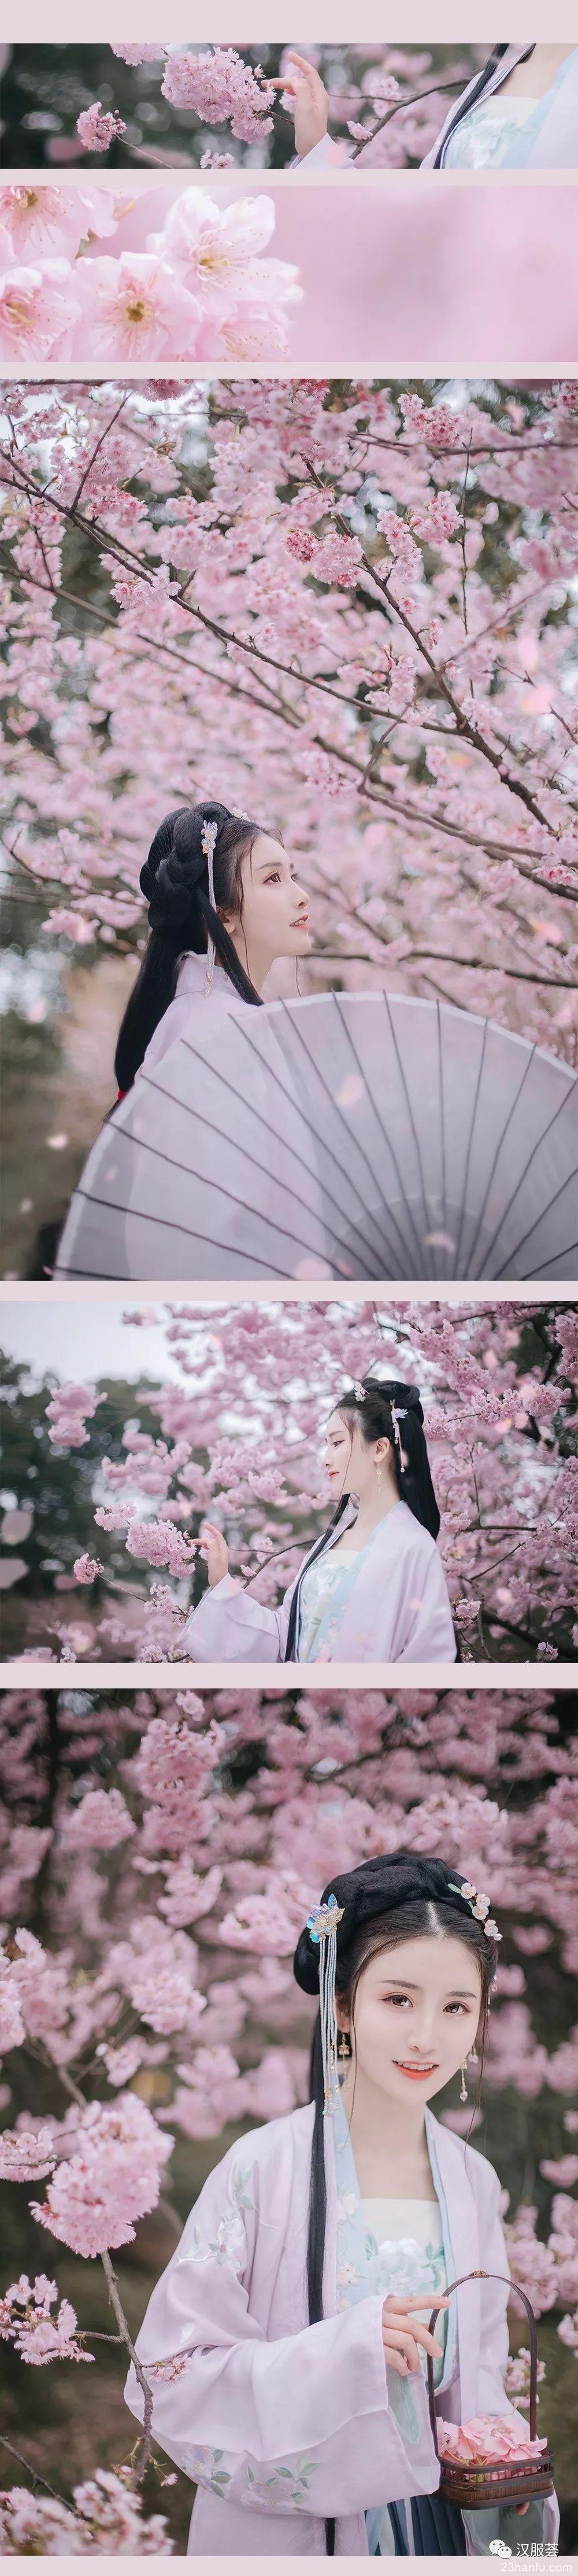 【汉服美景】樱桃花参差,香雨红霏霏